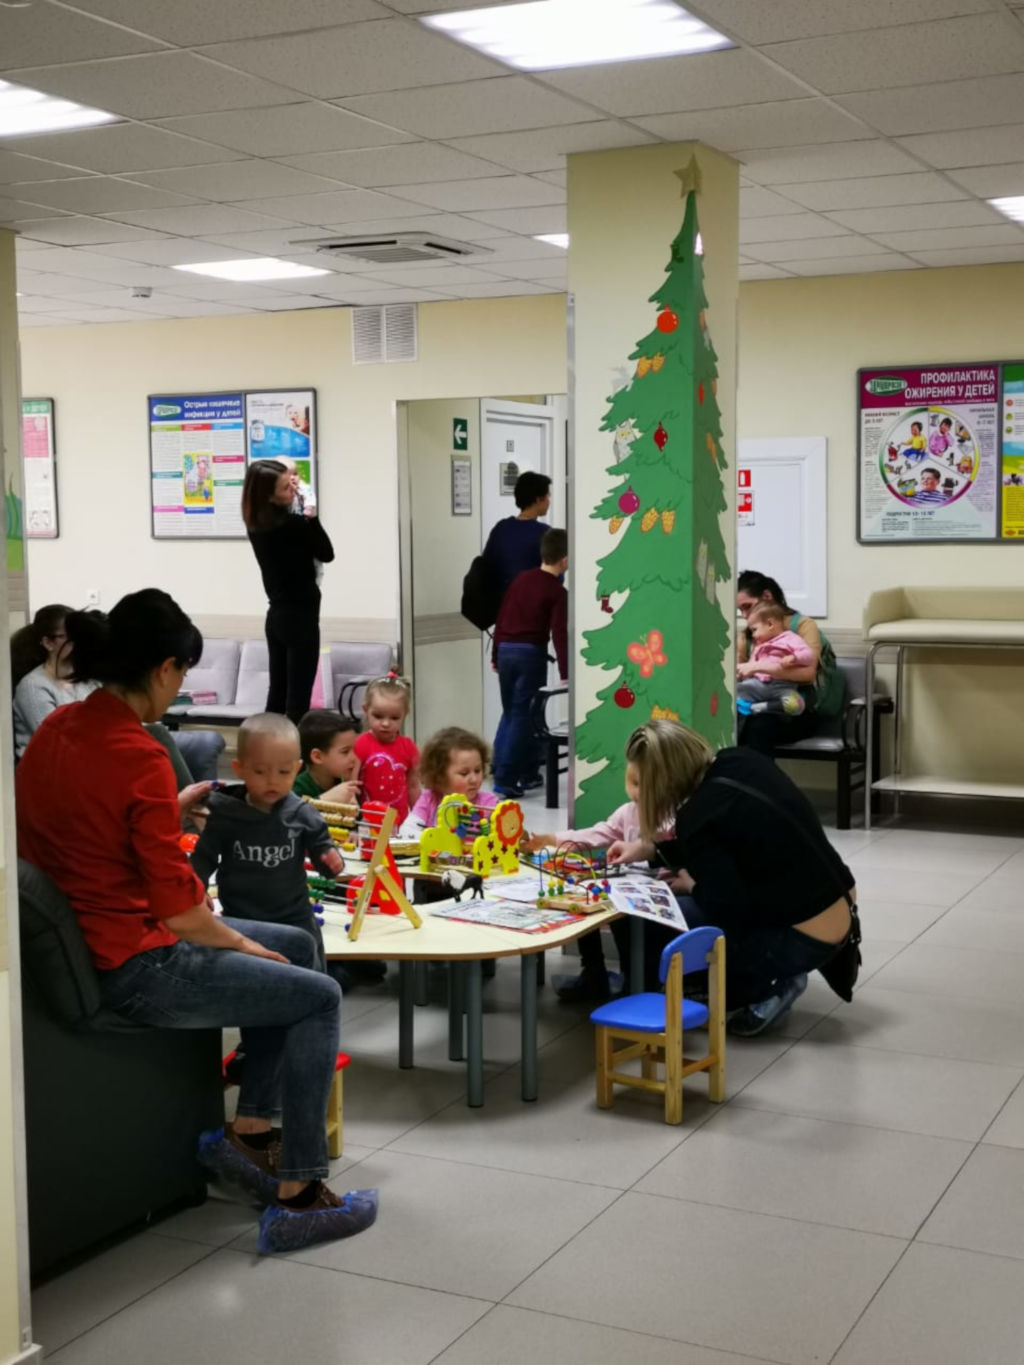 в больнице прошёл очередной день открытых дверей для всех желающих из Москвы и других регионов России